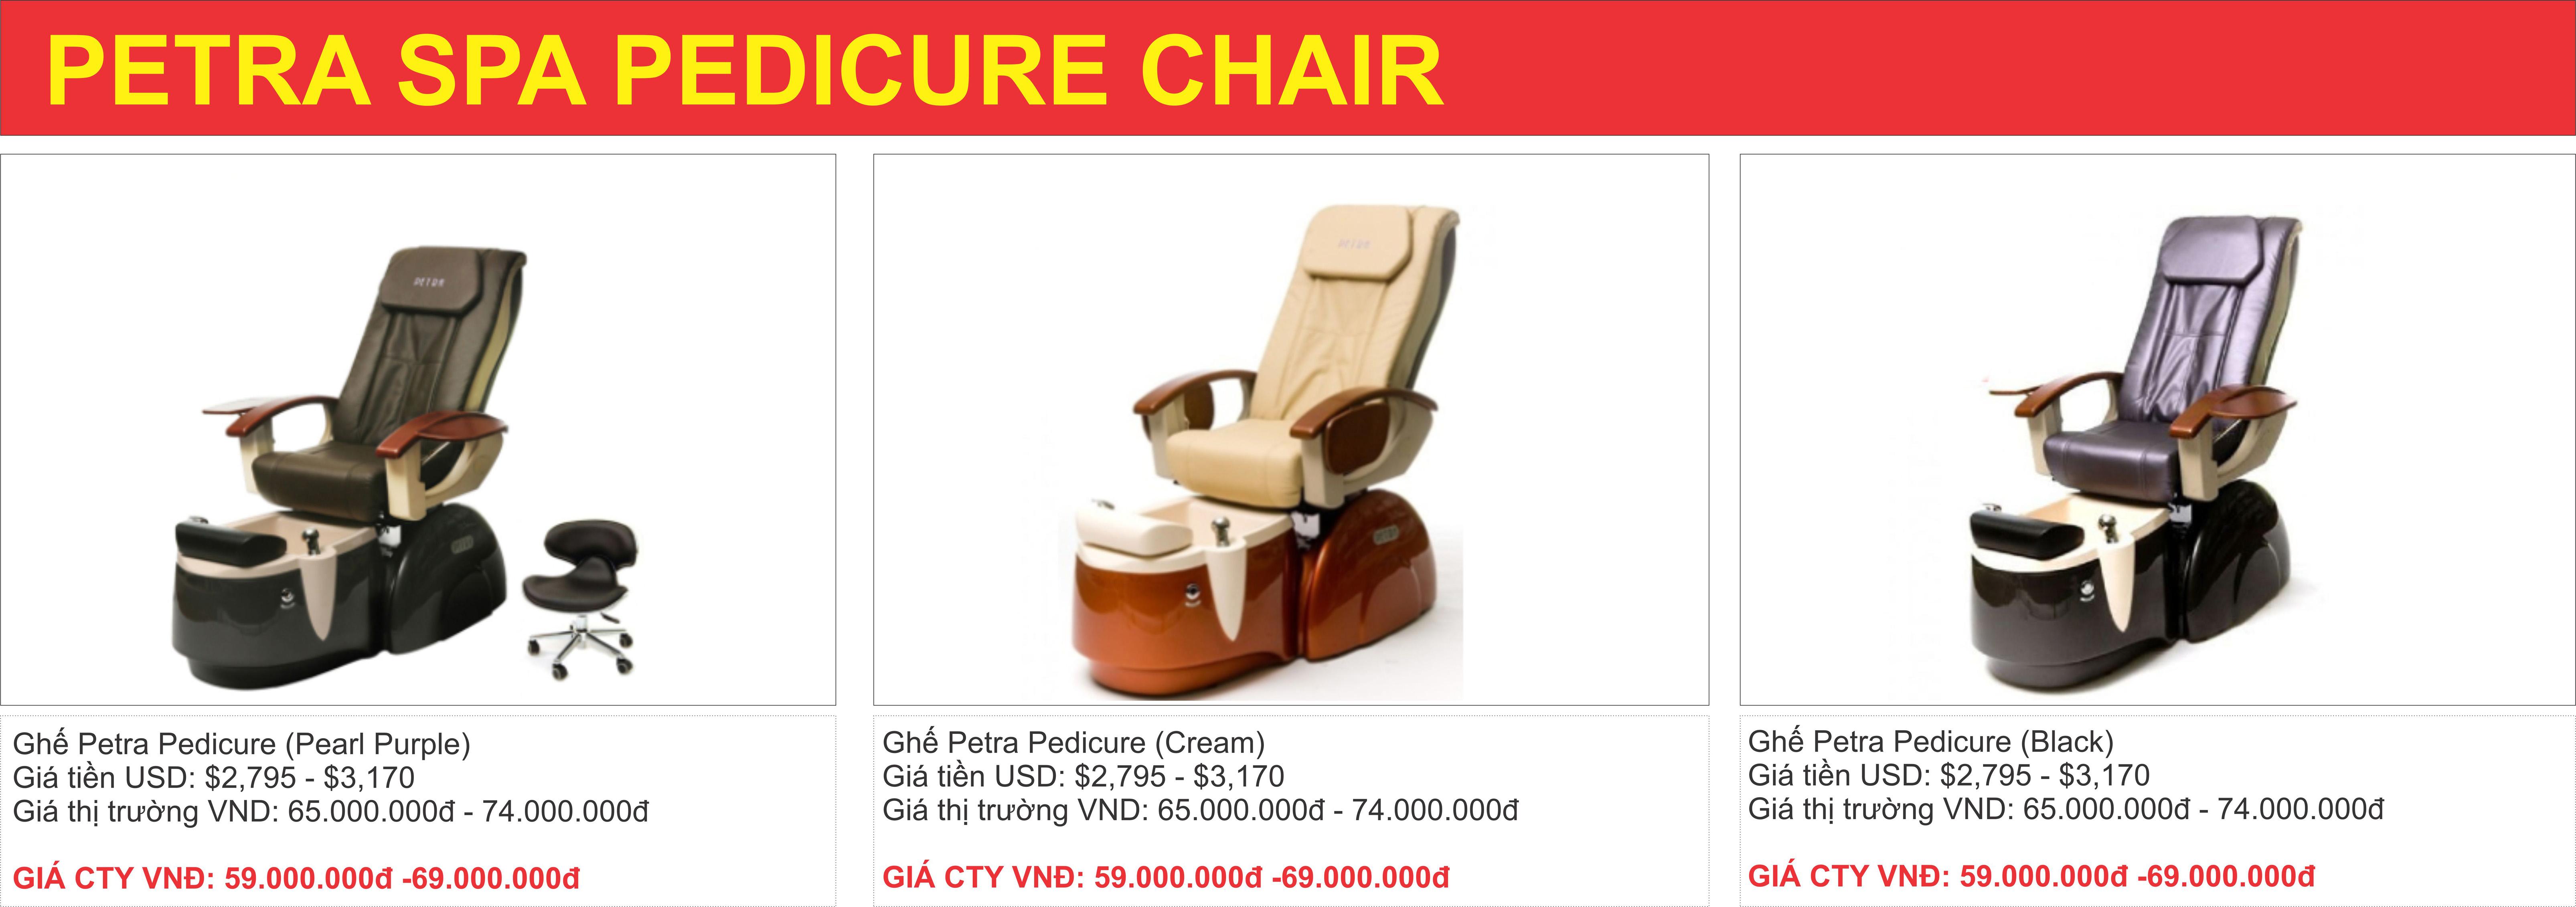 ghe-nail-petra-spa-pedicure-chair